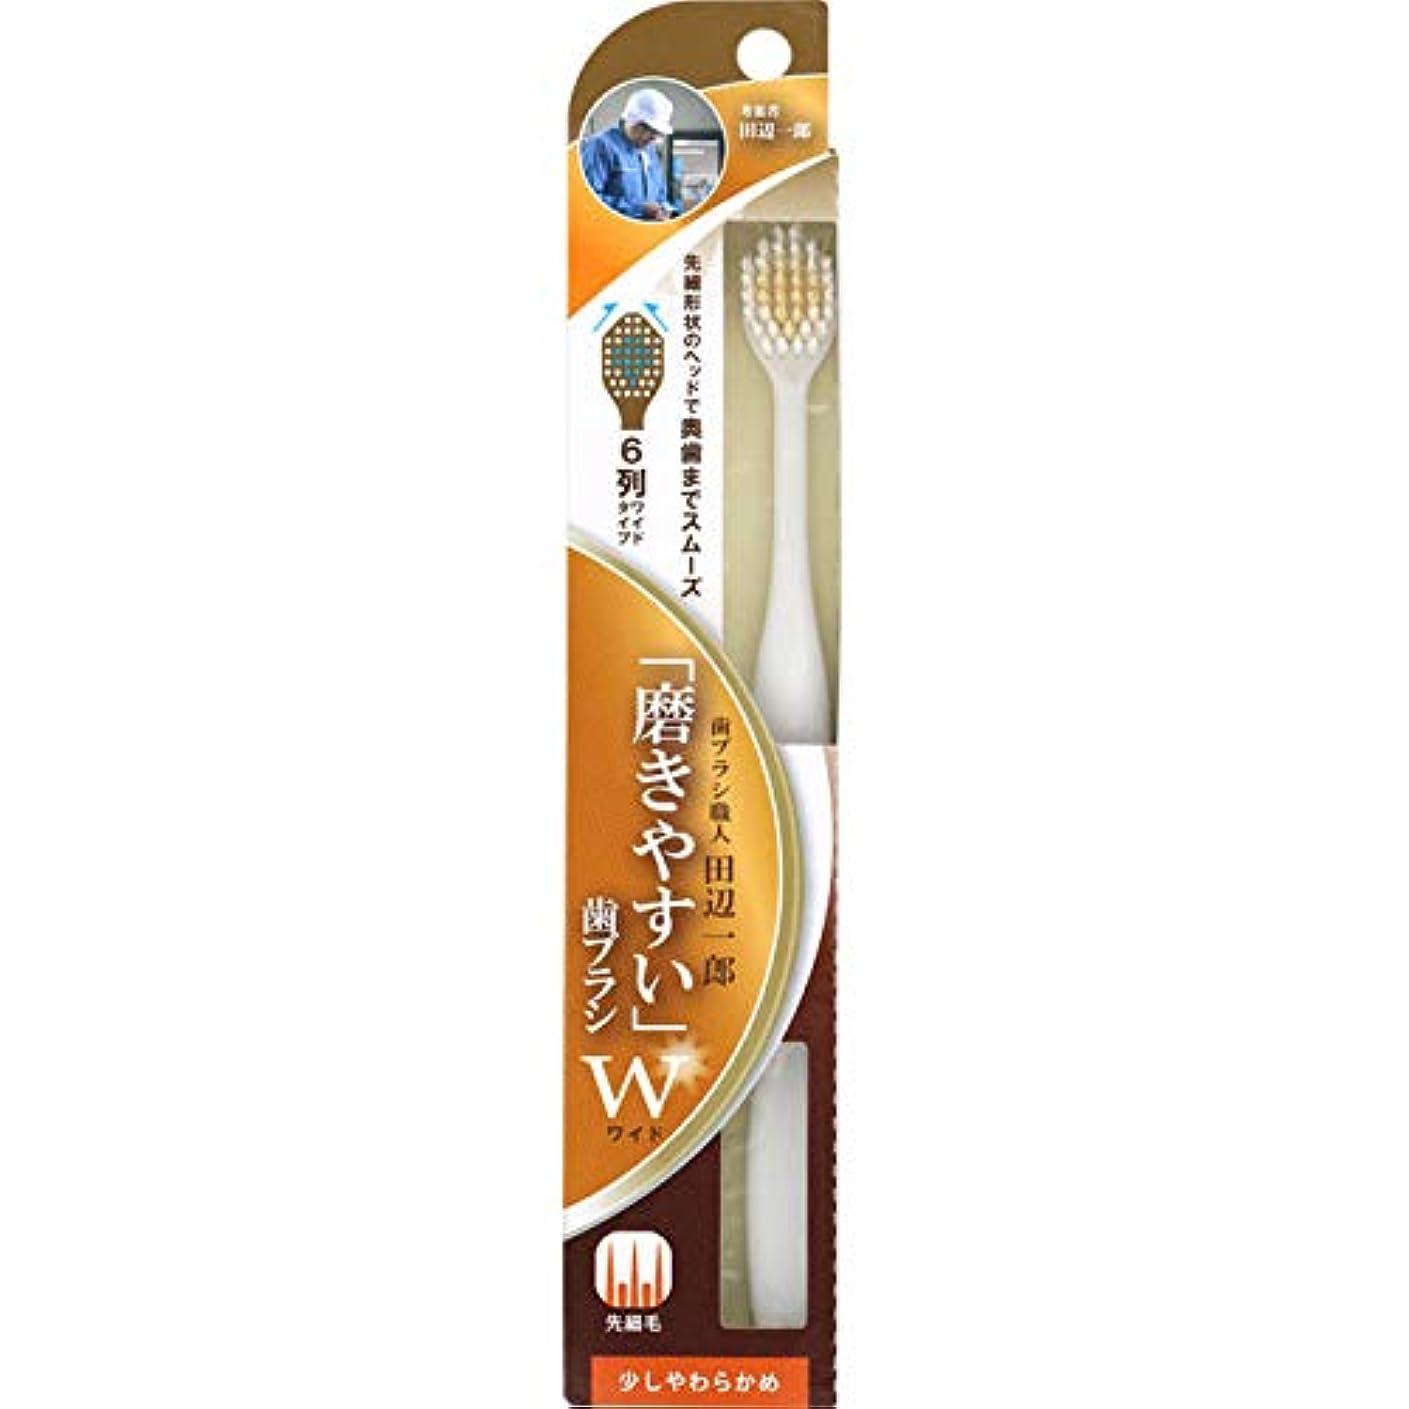 統計試してみるだらしないライフレンジ LT-46 磨きやすい歯ブラシ ワイド 少しやわらかめ 1本入 ※カラーは選べません。